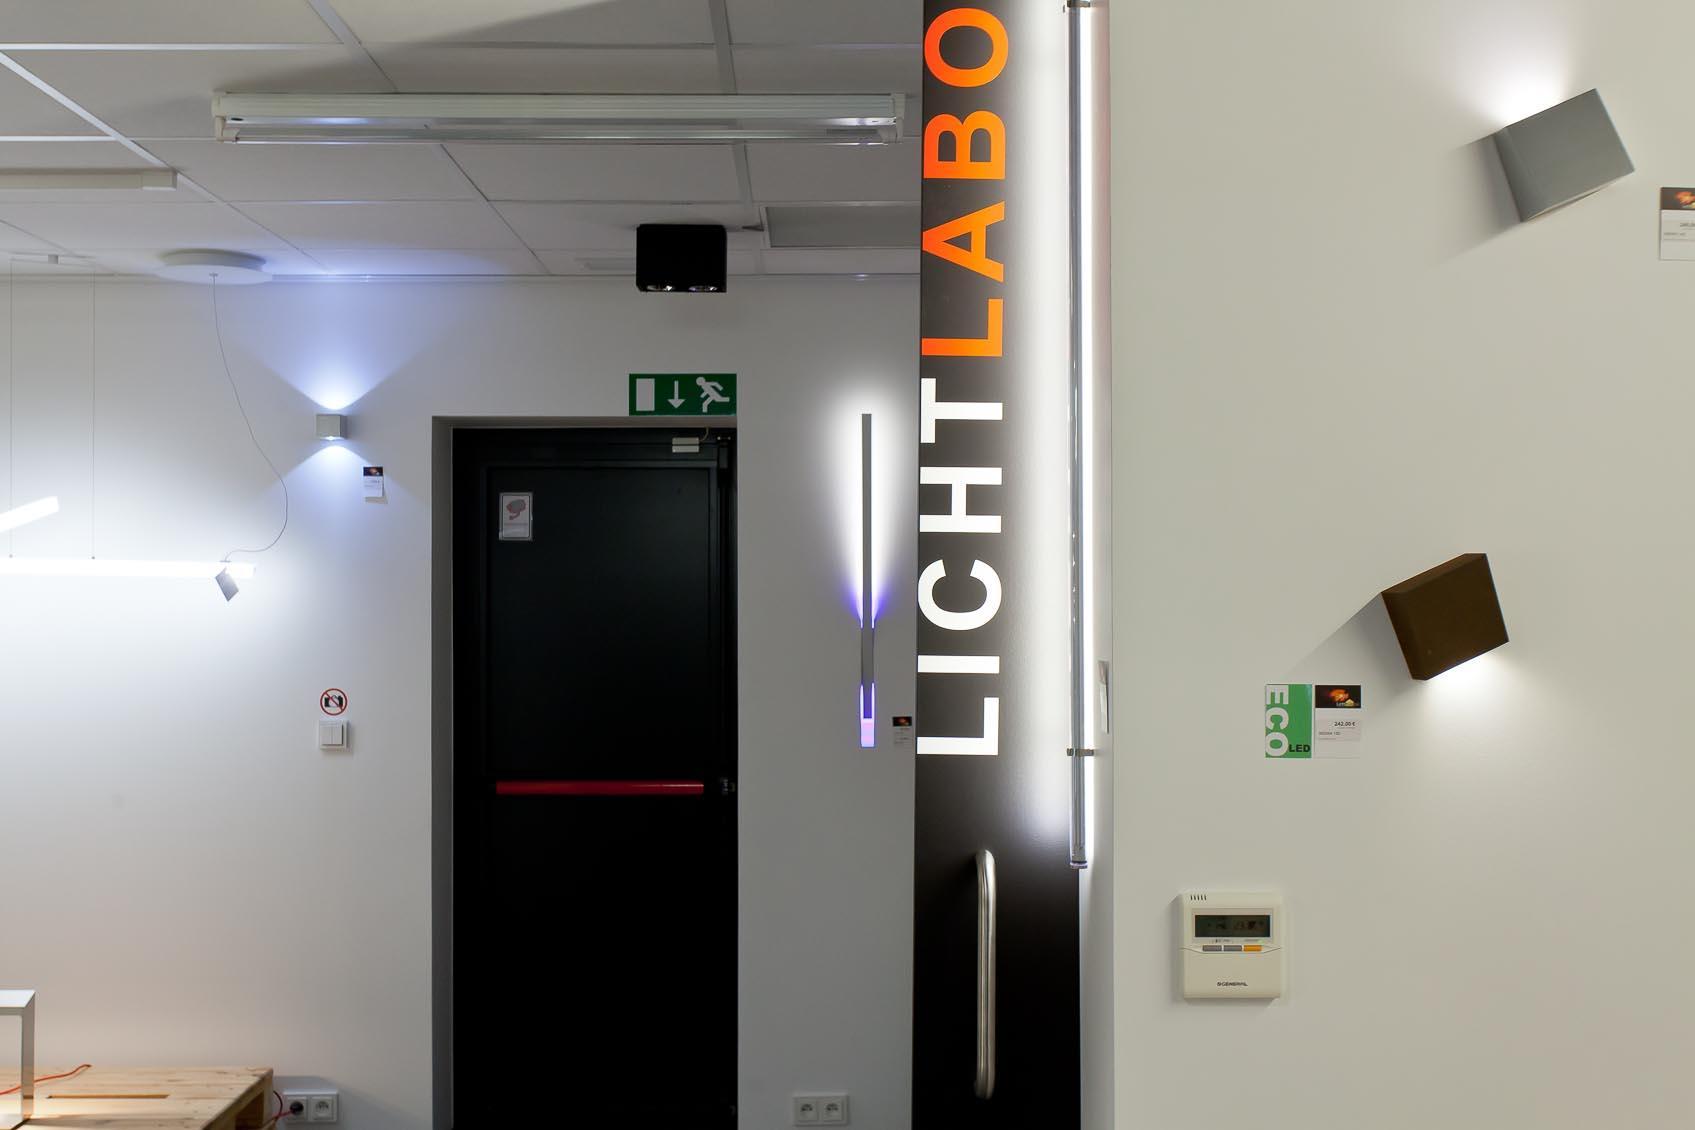 Onze lichtadviseurs demonstreren u de nieuwste lichttechnieken